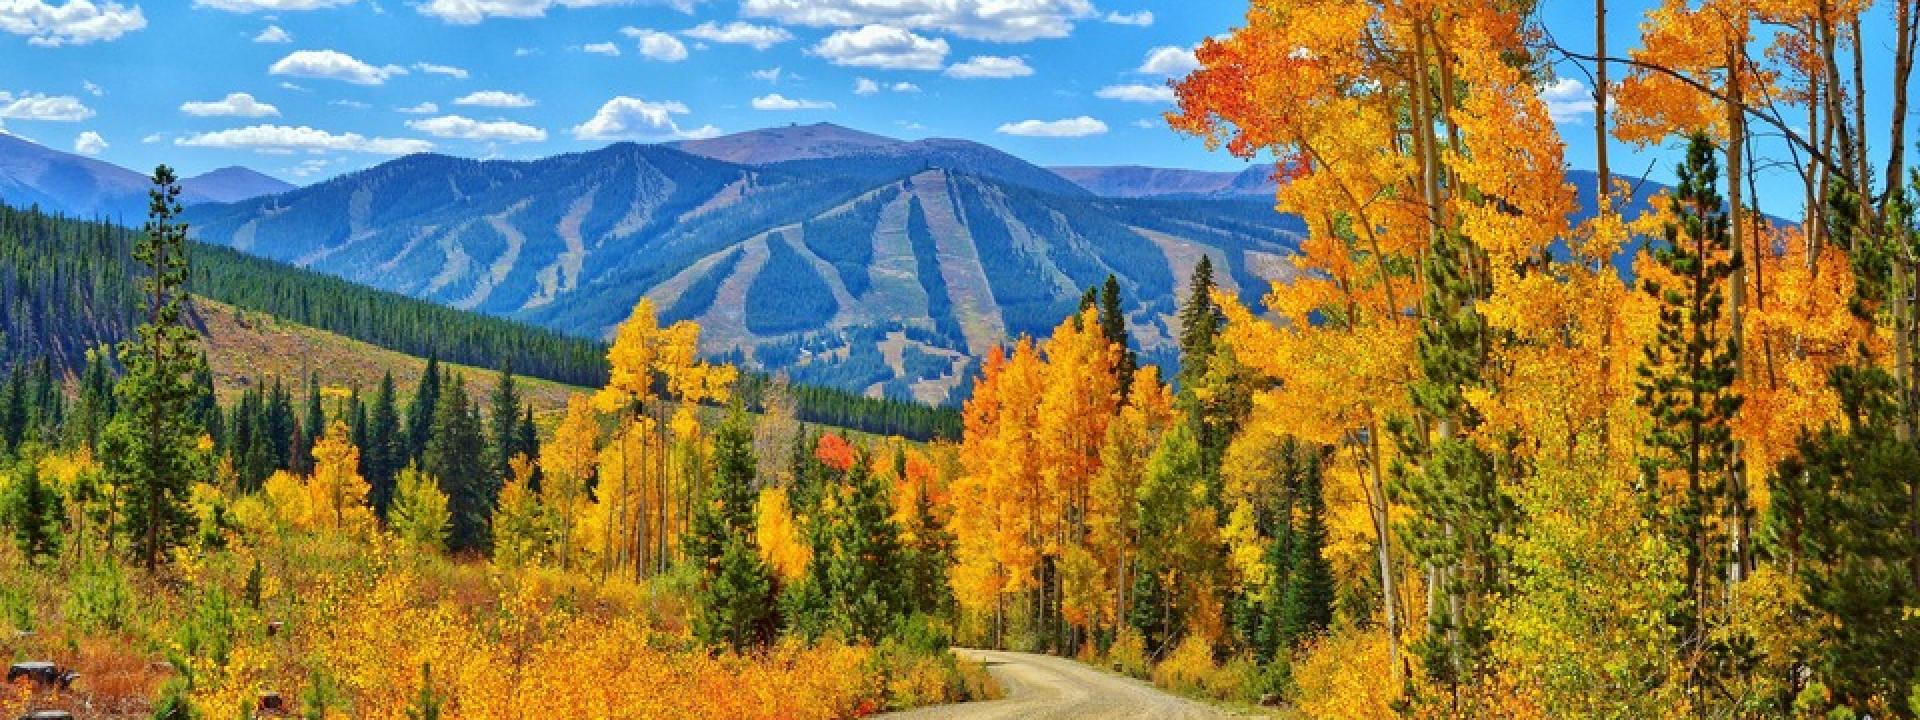 Rollins Pass in Winter Park, Colorado